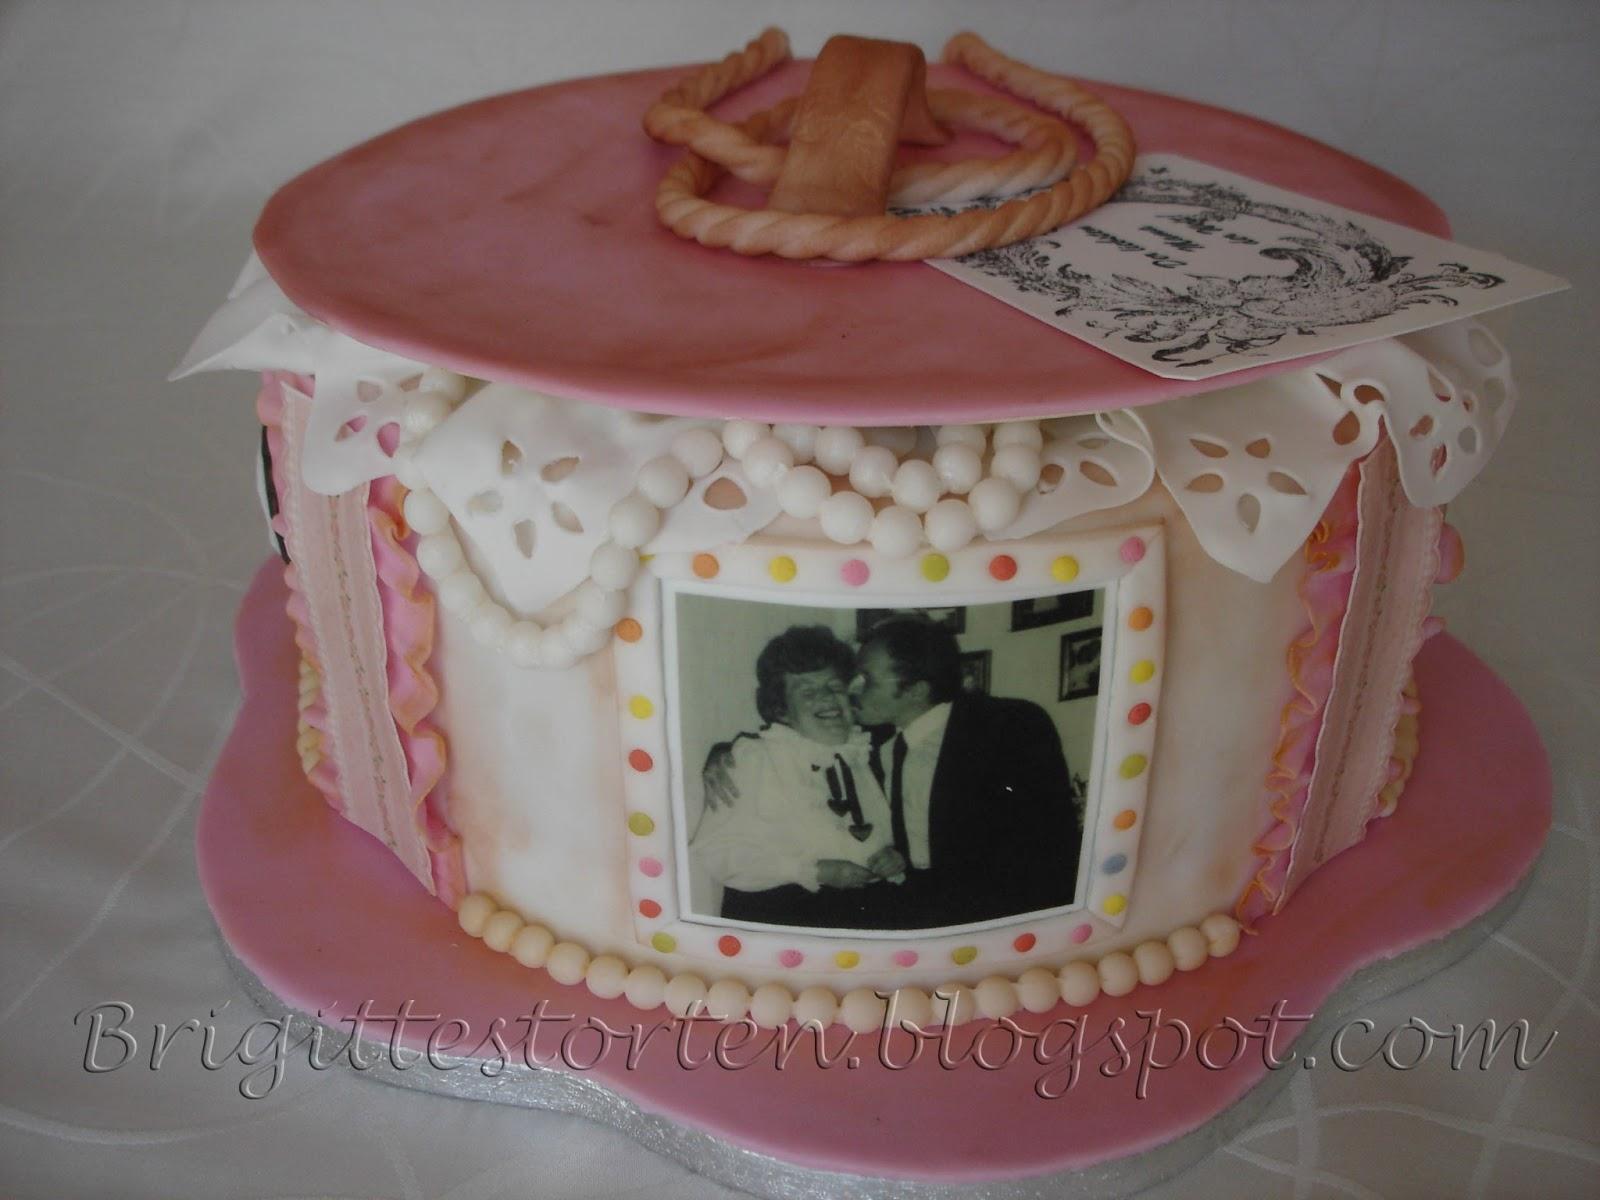 Vintage Cake Zum 75 Geburtstag Brigittes Tortendesign